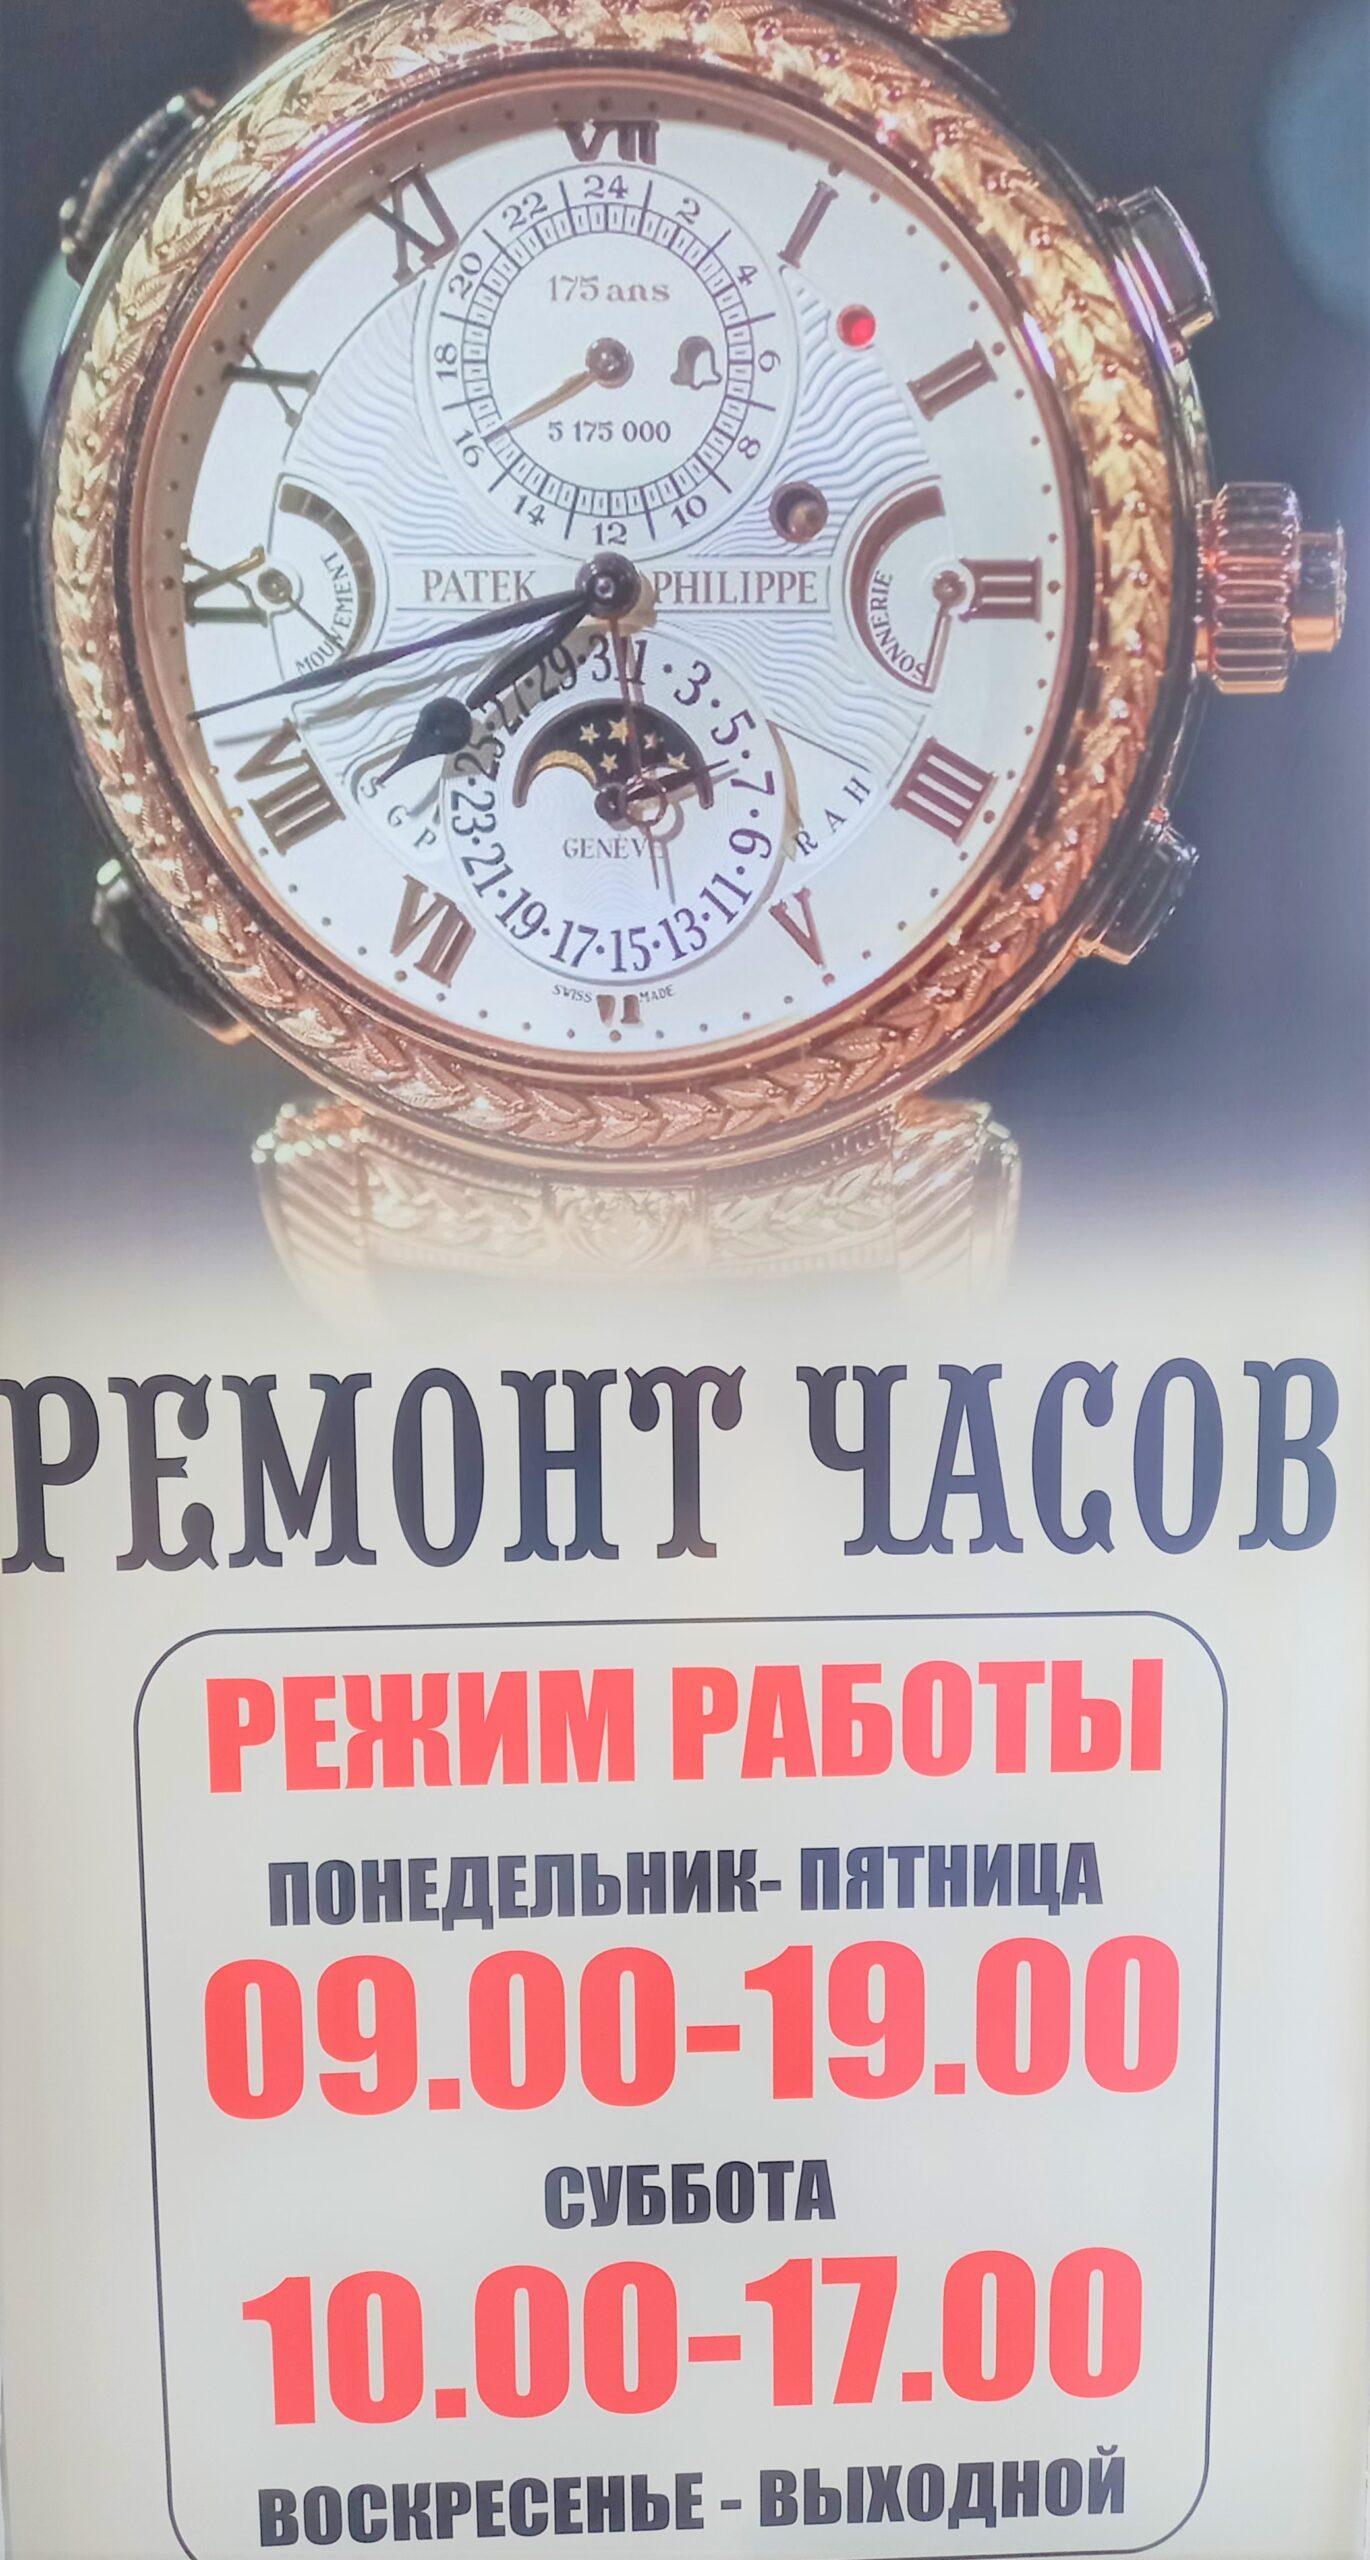 Ремонт часов любой сложности в Доме Быта (у Цирка, 3 этаж), т. 89081430894